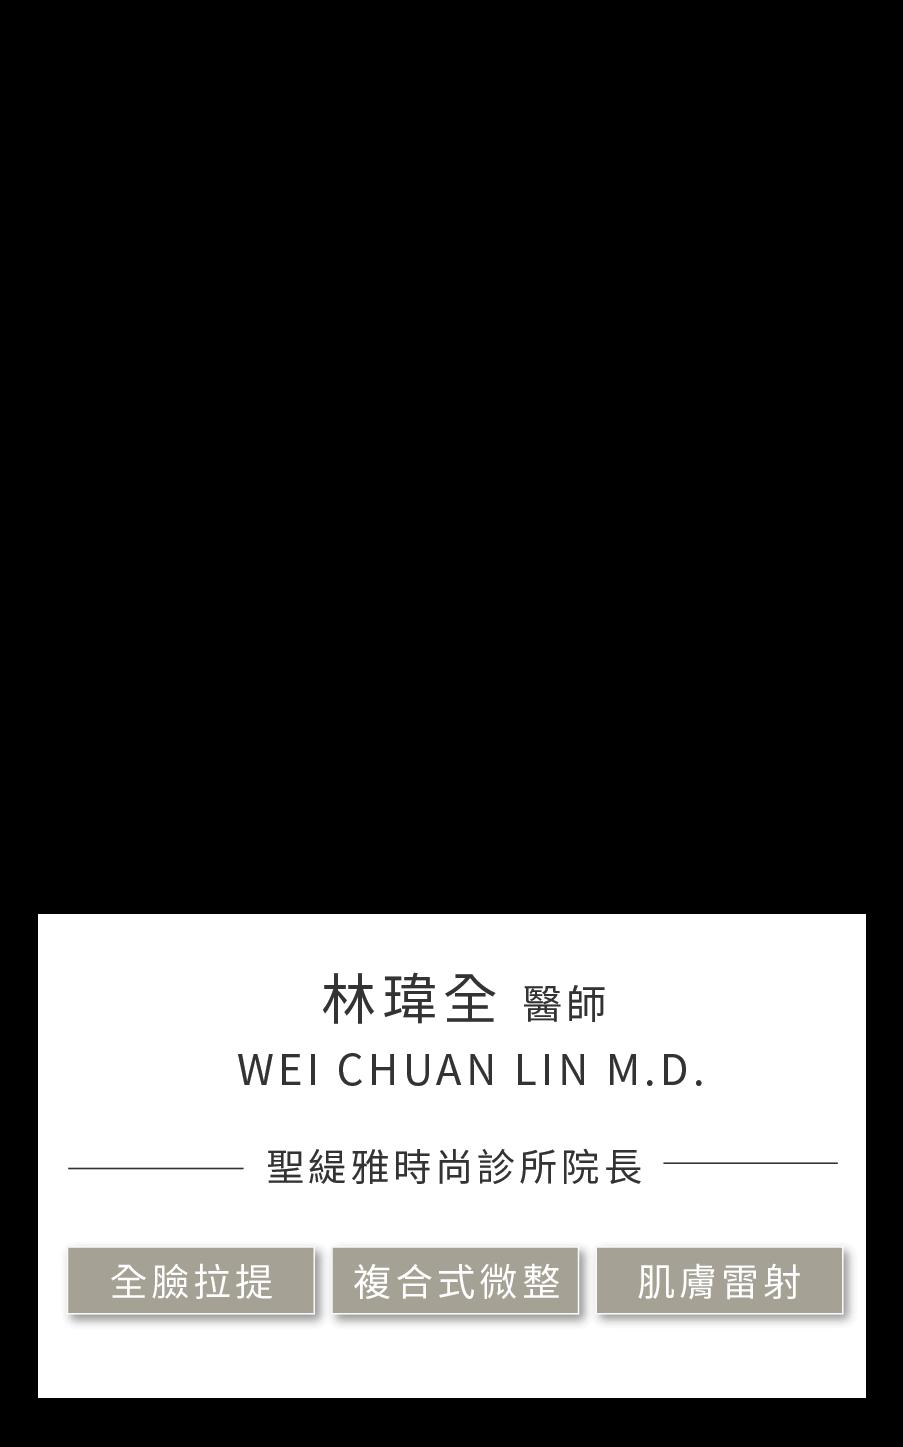 林瑋全-02